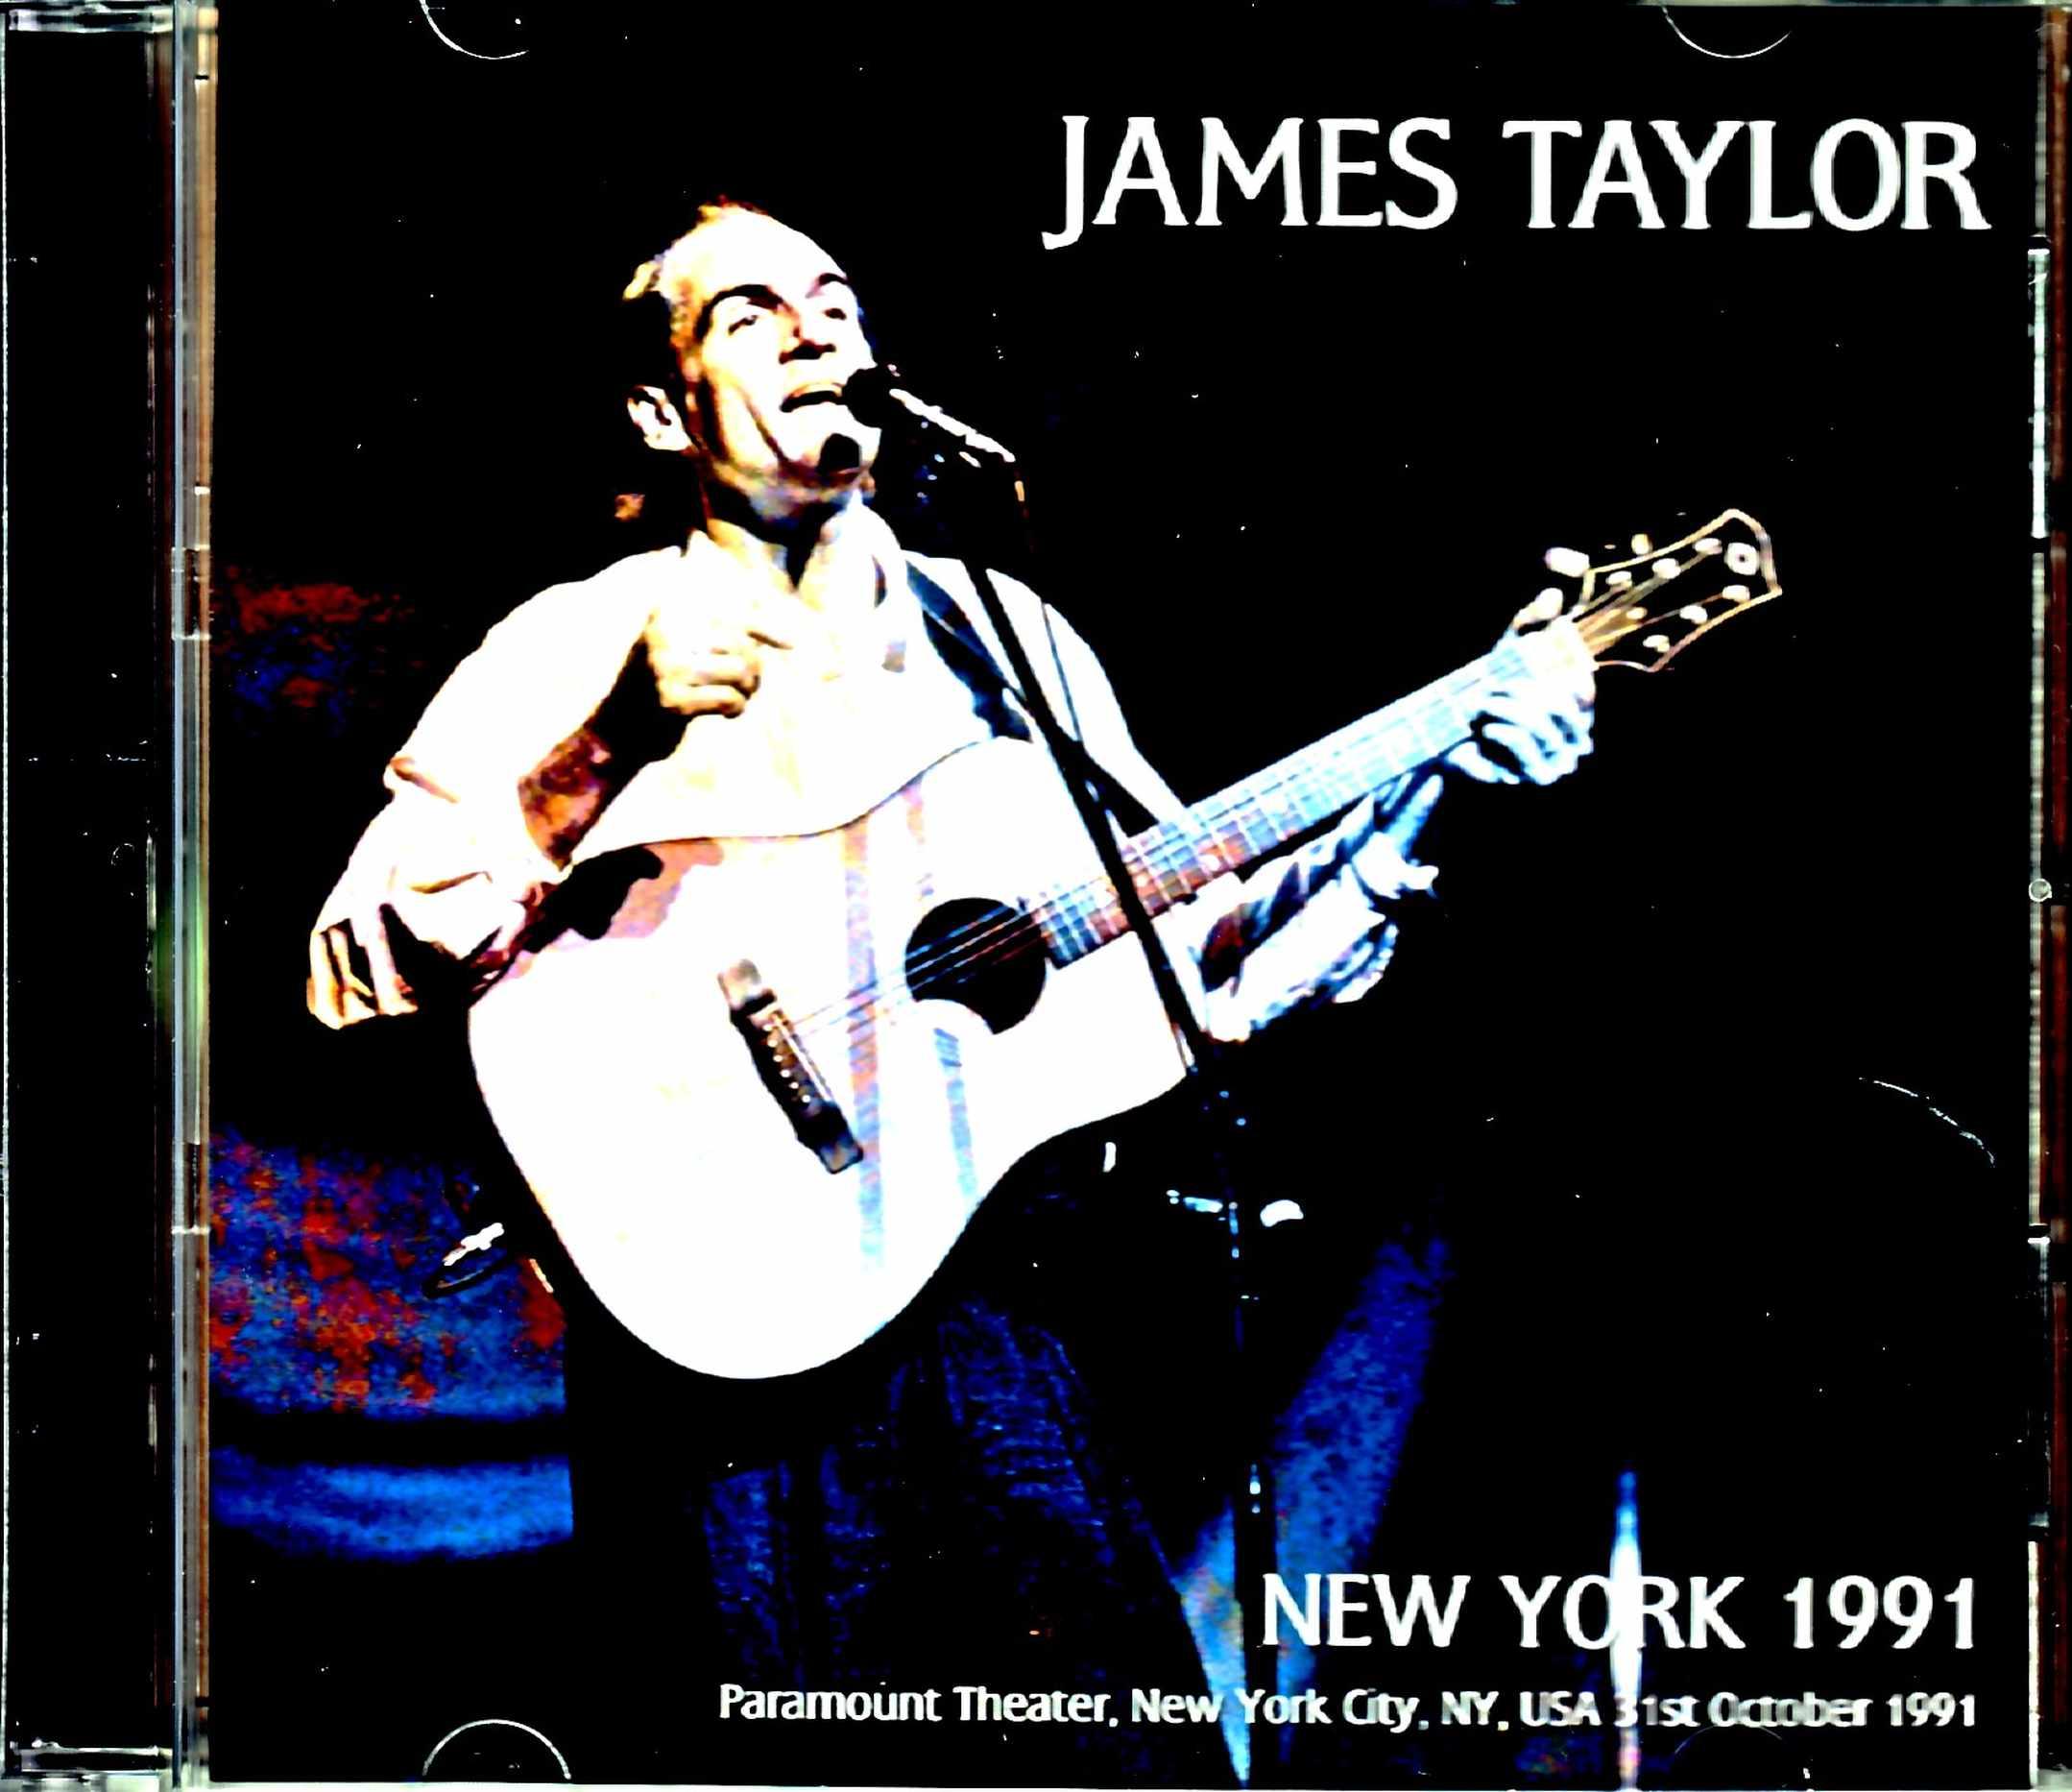 James Taylor ジェームス・テイラー/NY,USA 1991